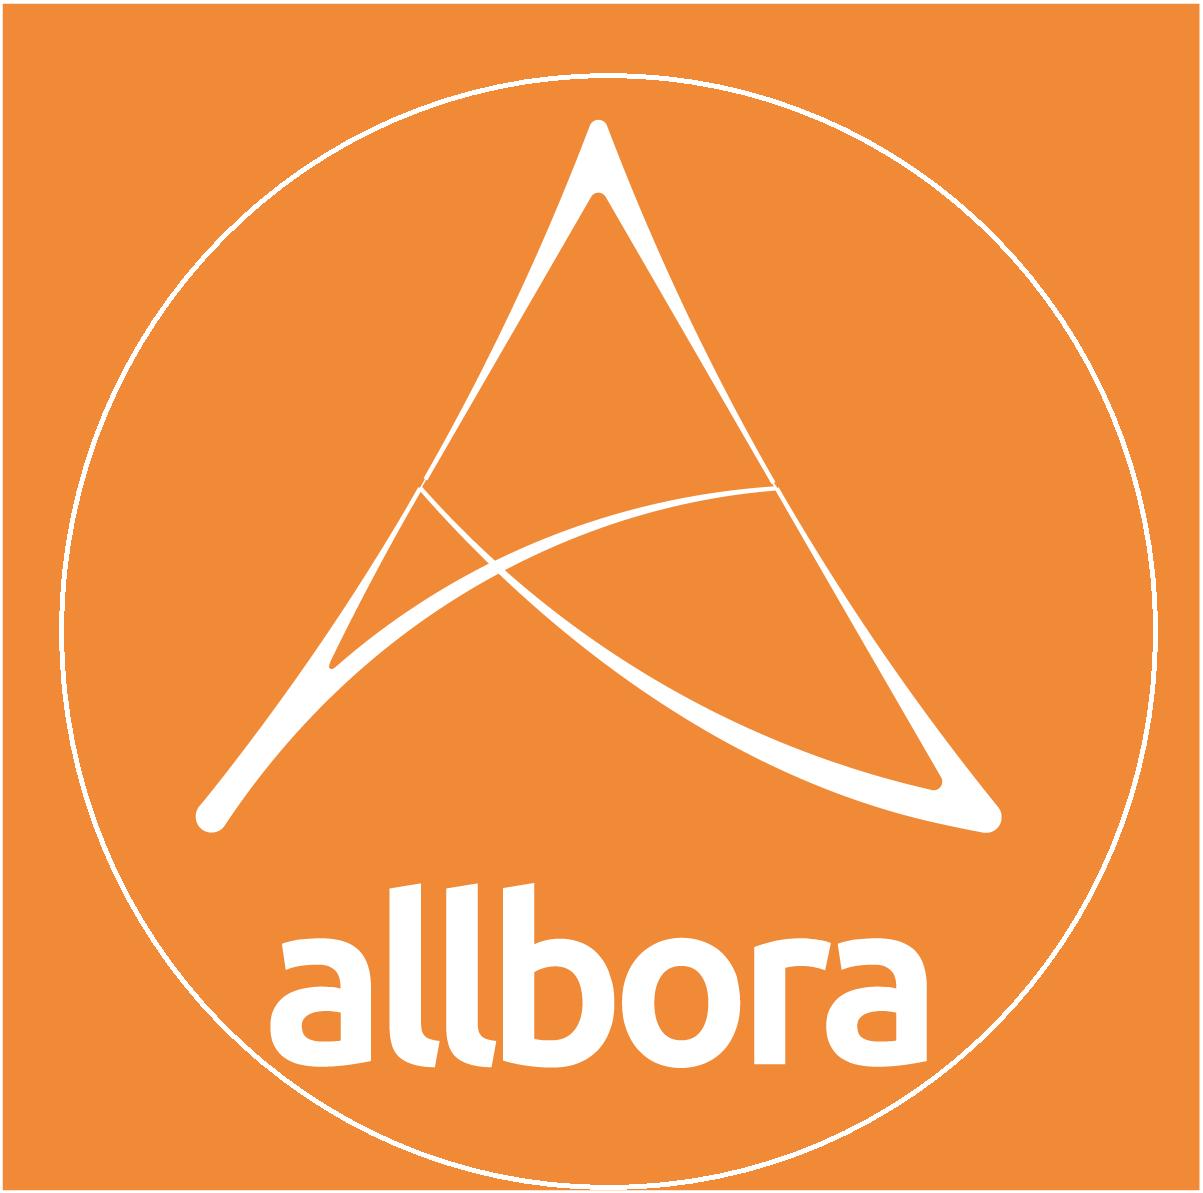 Allbora